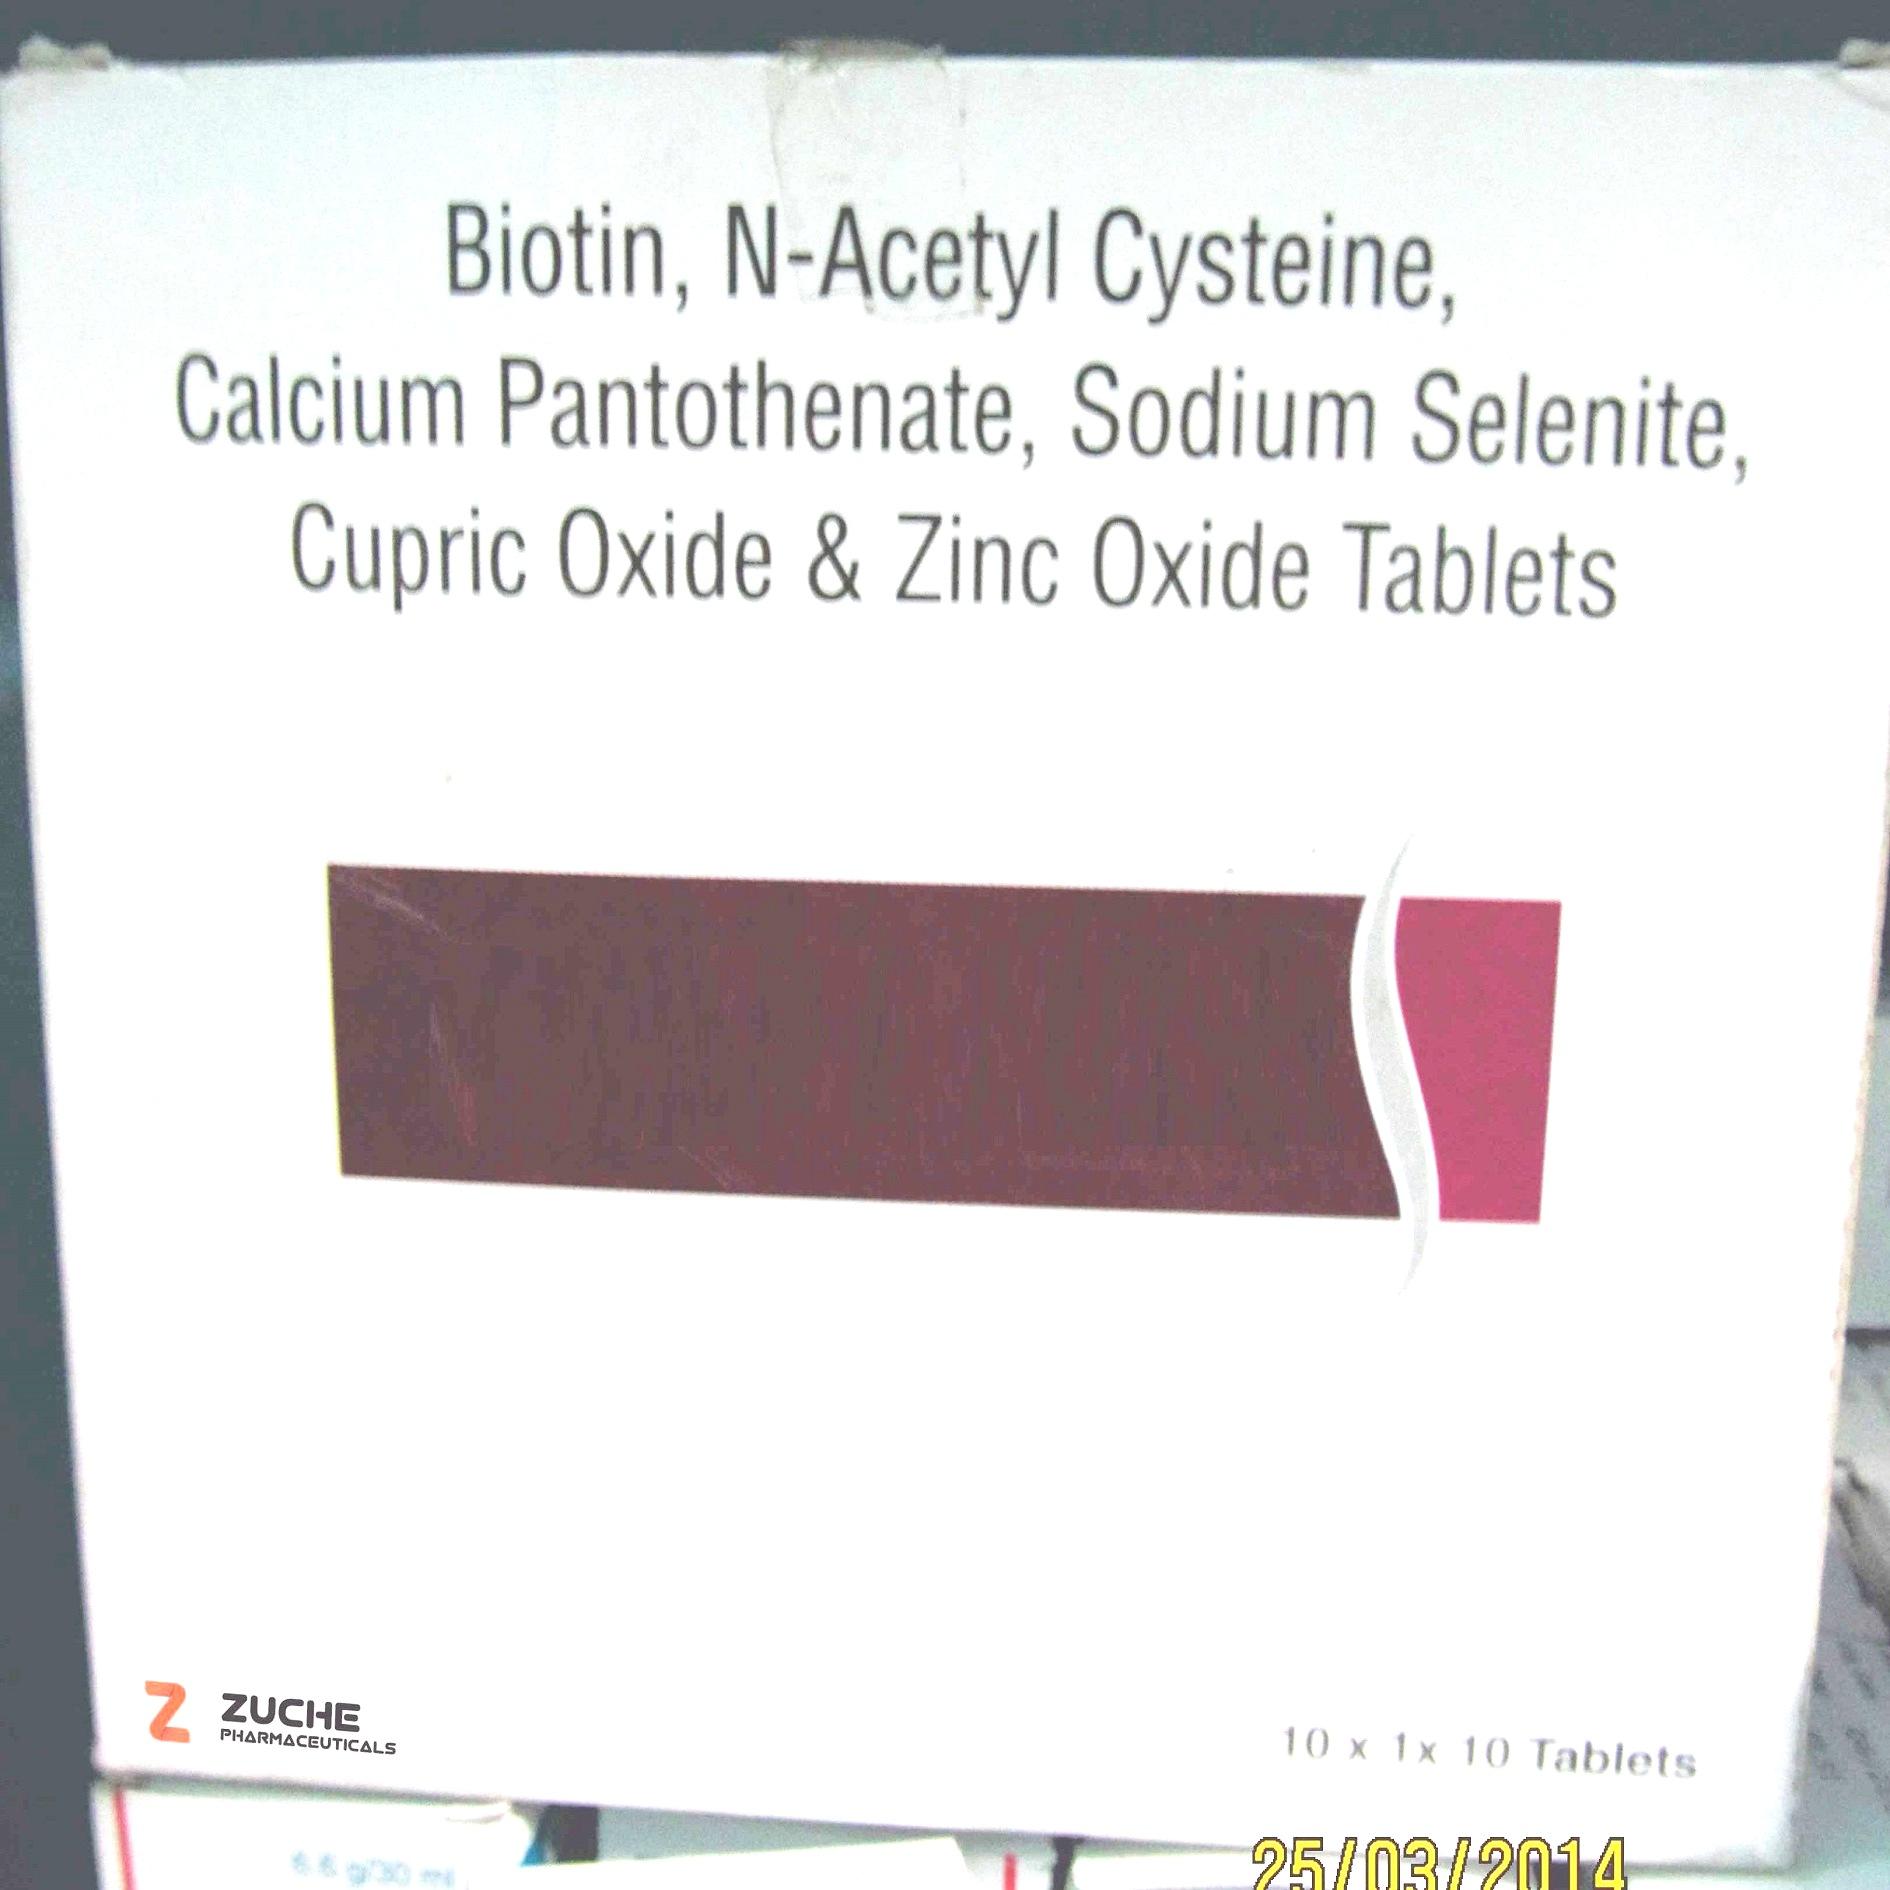 N-Acetyl Cysteine Supplements